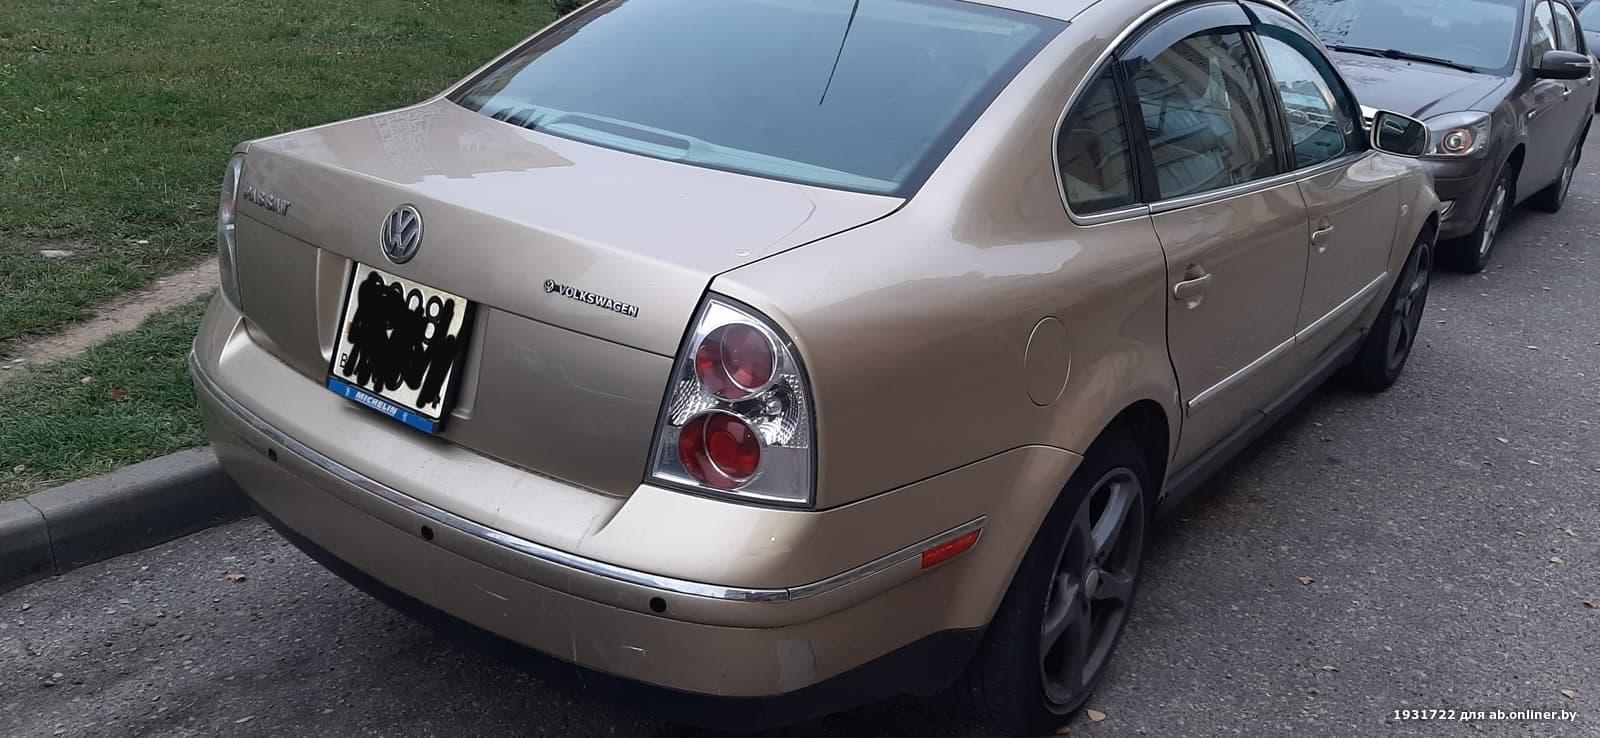 Volkswagen Passat 5 GP